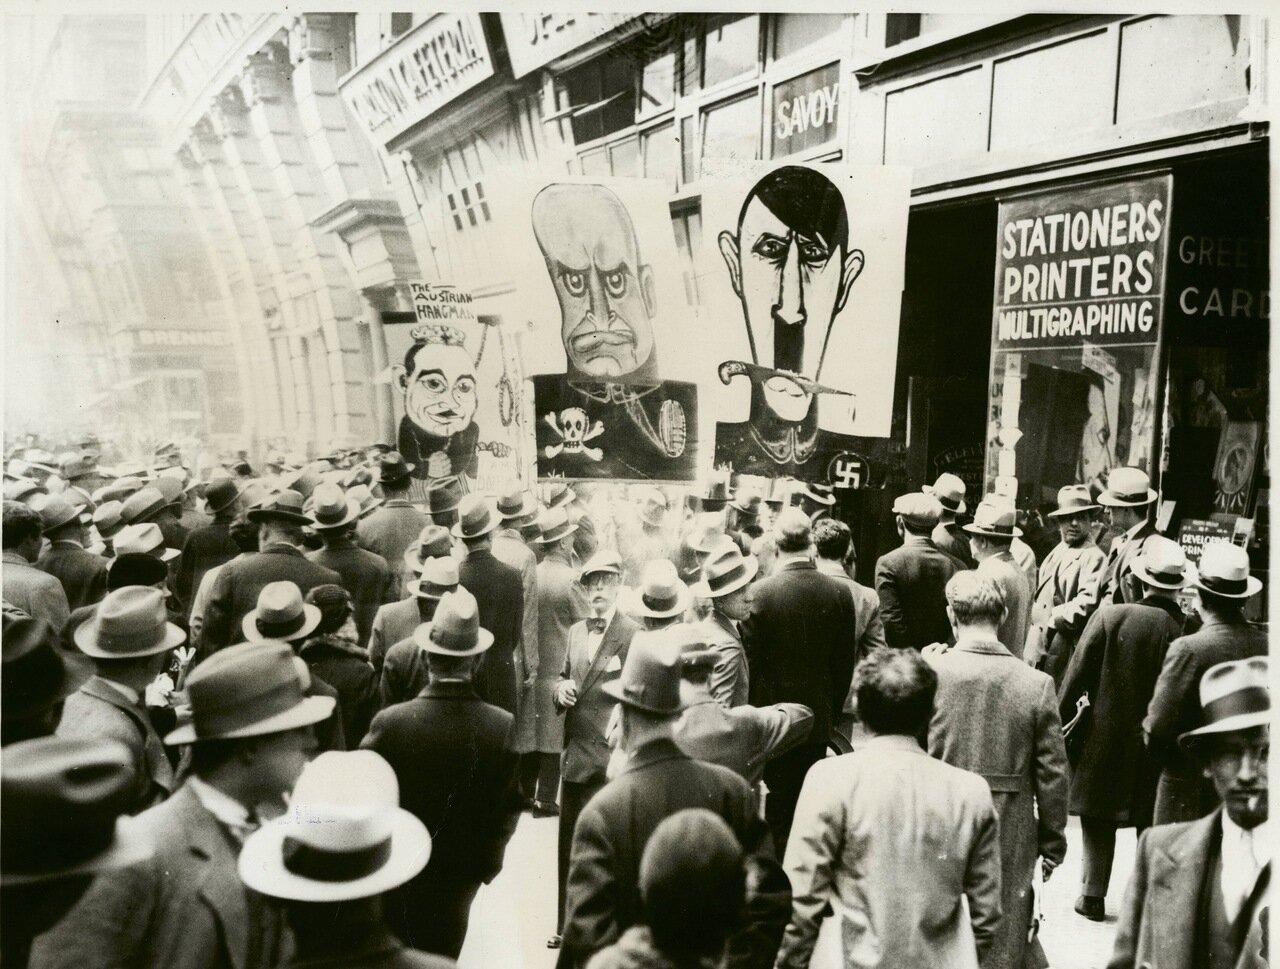 1934. Карикатуры с Муссолини, Гитлером и Дольфусом на первомайской демонстрации в Нью-Йорке